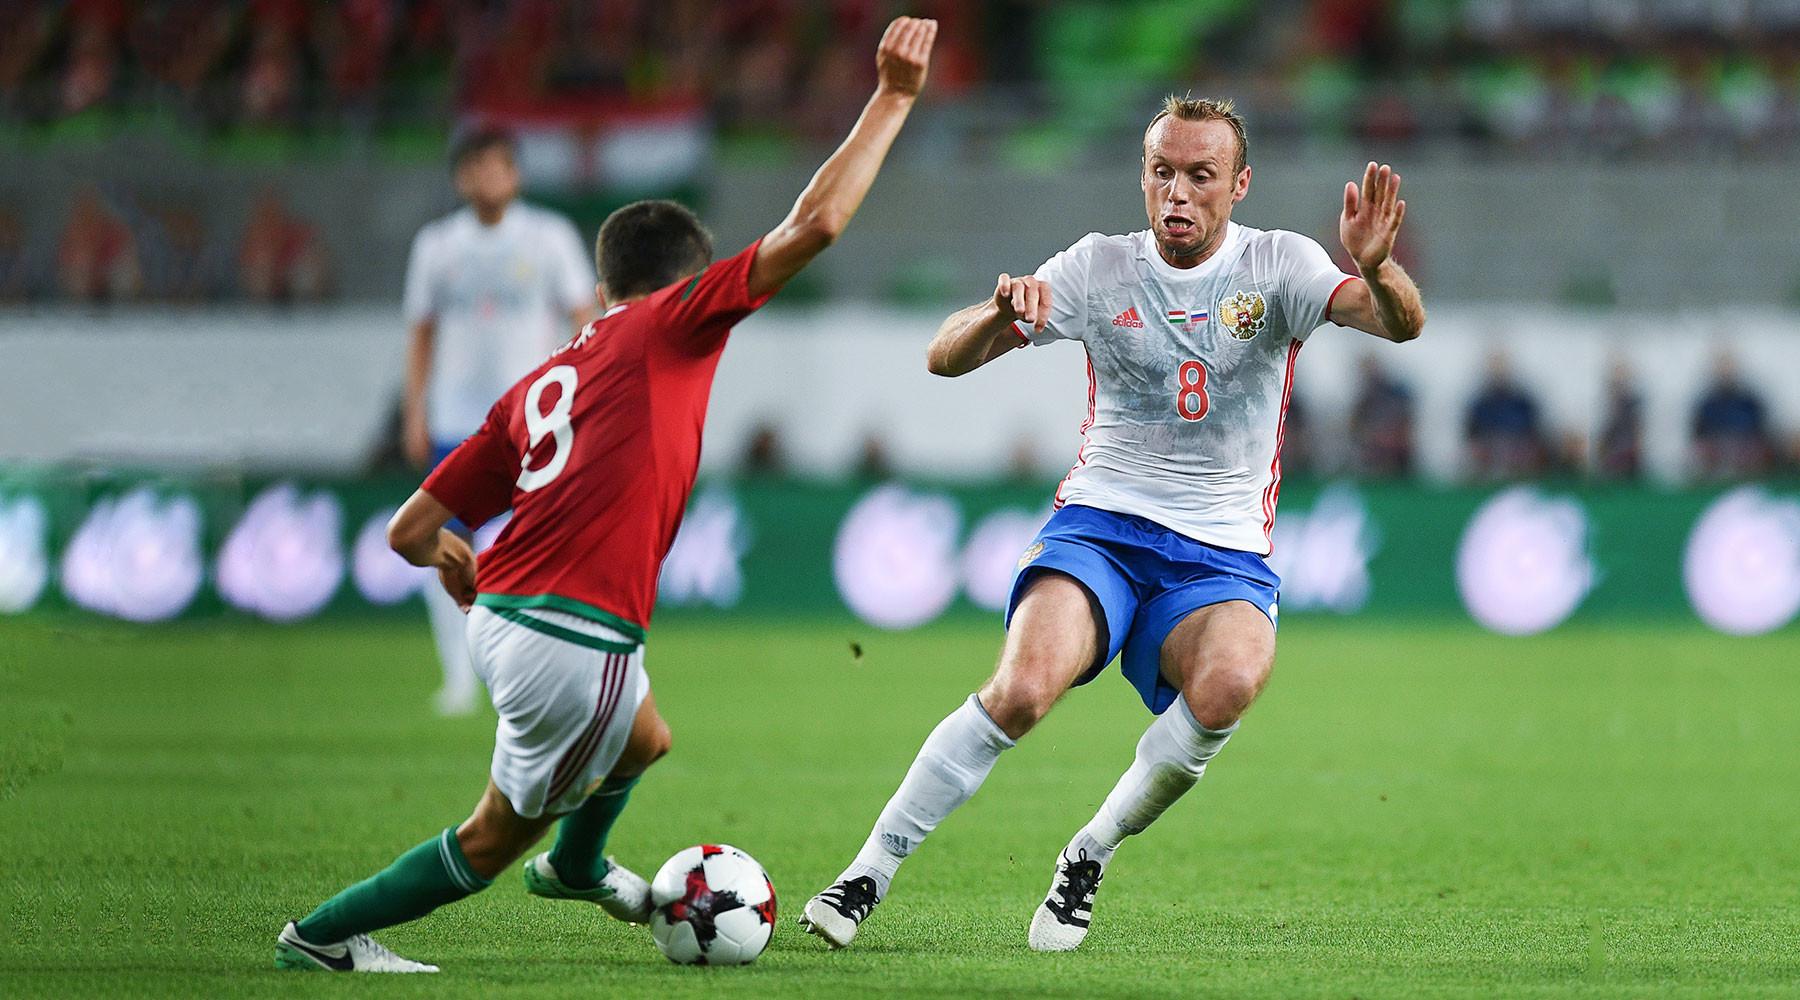 Россия дважды забила Венгрии в товарищеском матче и потеряла Зобнина